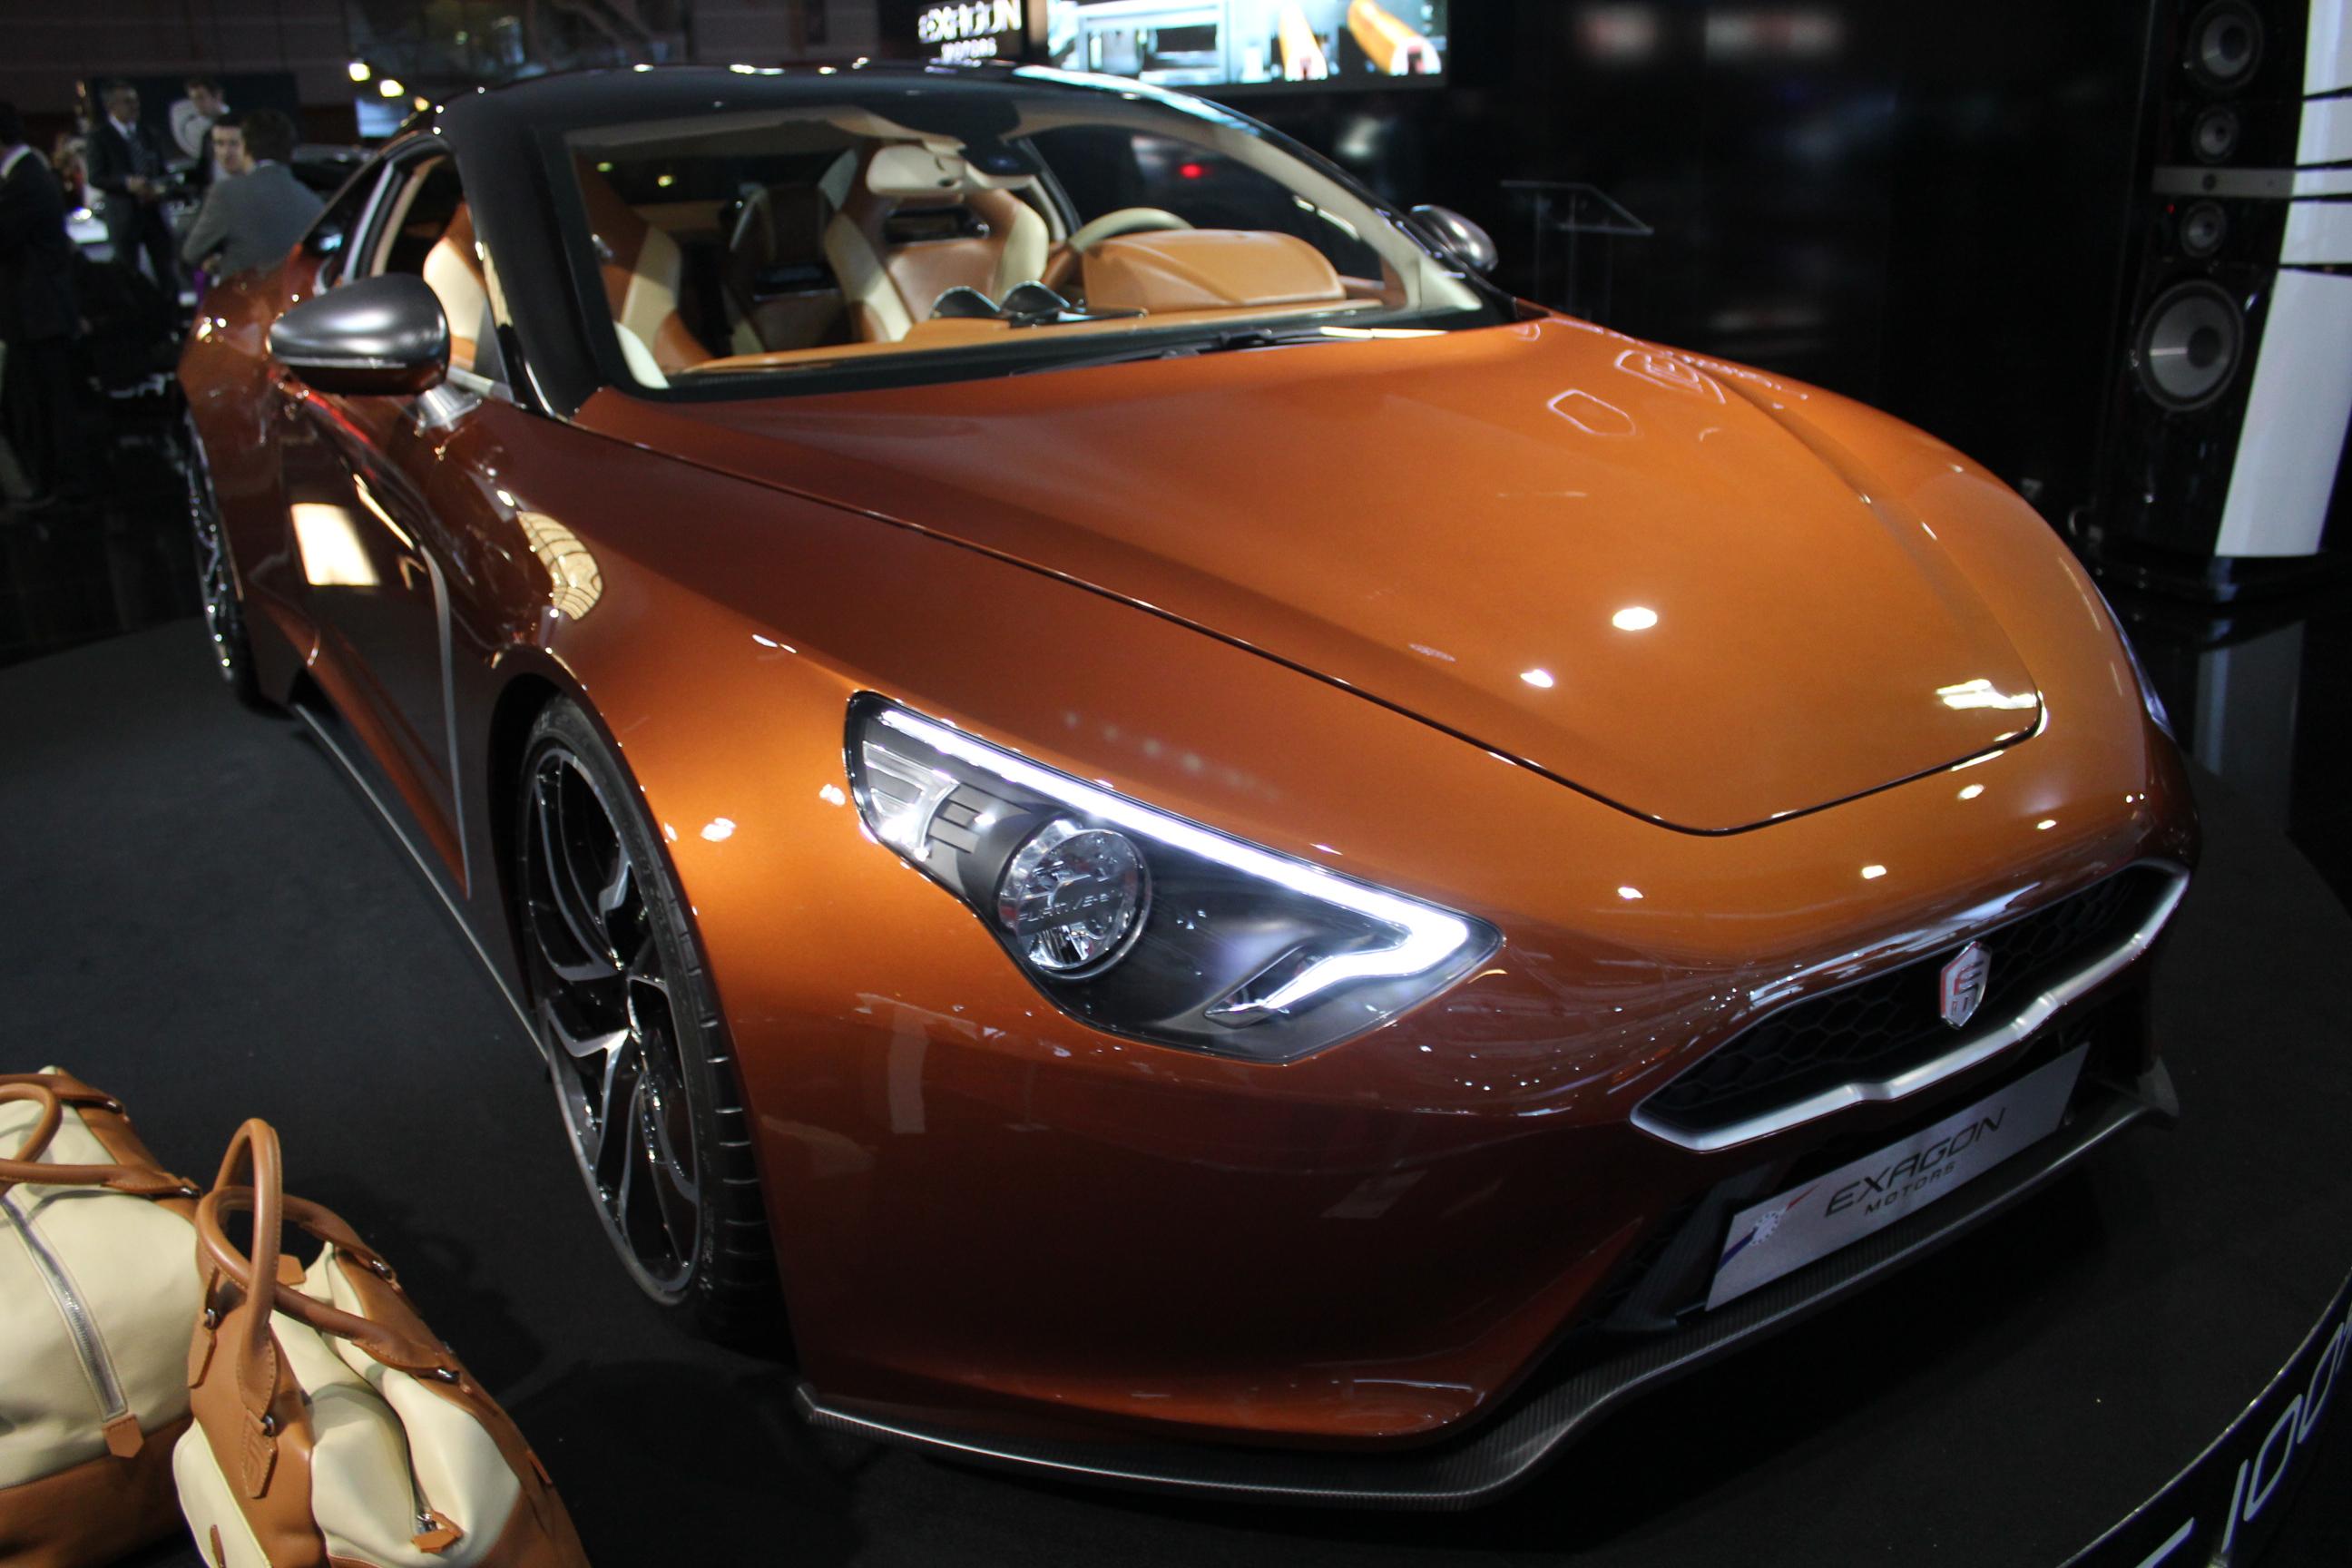 http://images.caradisiac.com/images/1/3/7/5/81375/S0-En-direct-du-Mondial-2012-Exagon-Motors-Furtive-e-GT-une-Fisker-Karma-a-la-francaise-274386.jpg